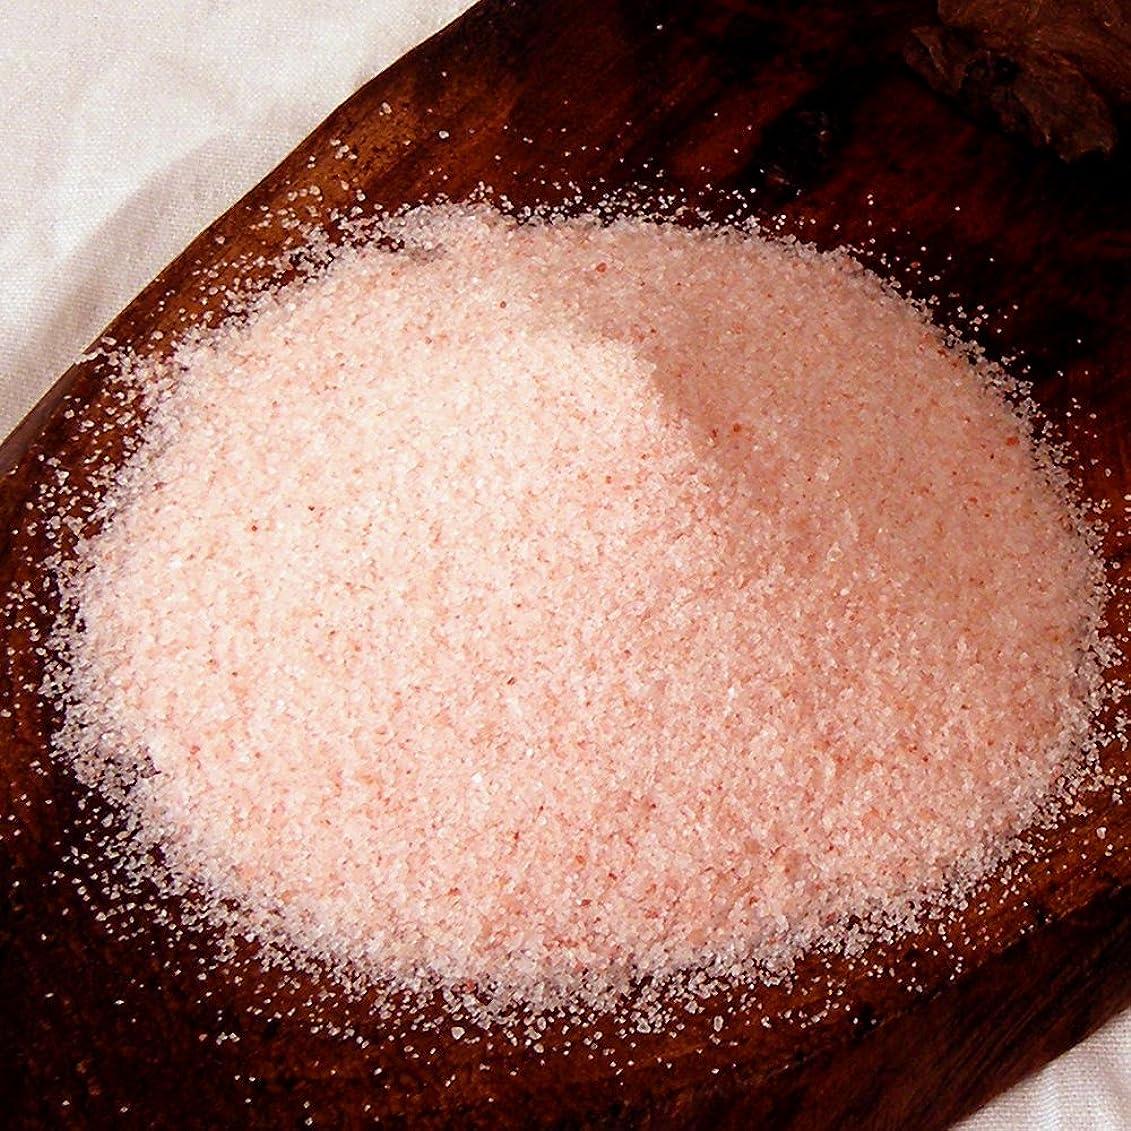 区画少ないシャワーヒマラヤ岩塩 バスソルト ローズソルト 溶けやすい細粒タイプ お試し1kg (ソルト内容量970g)